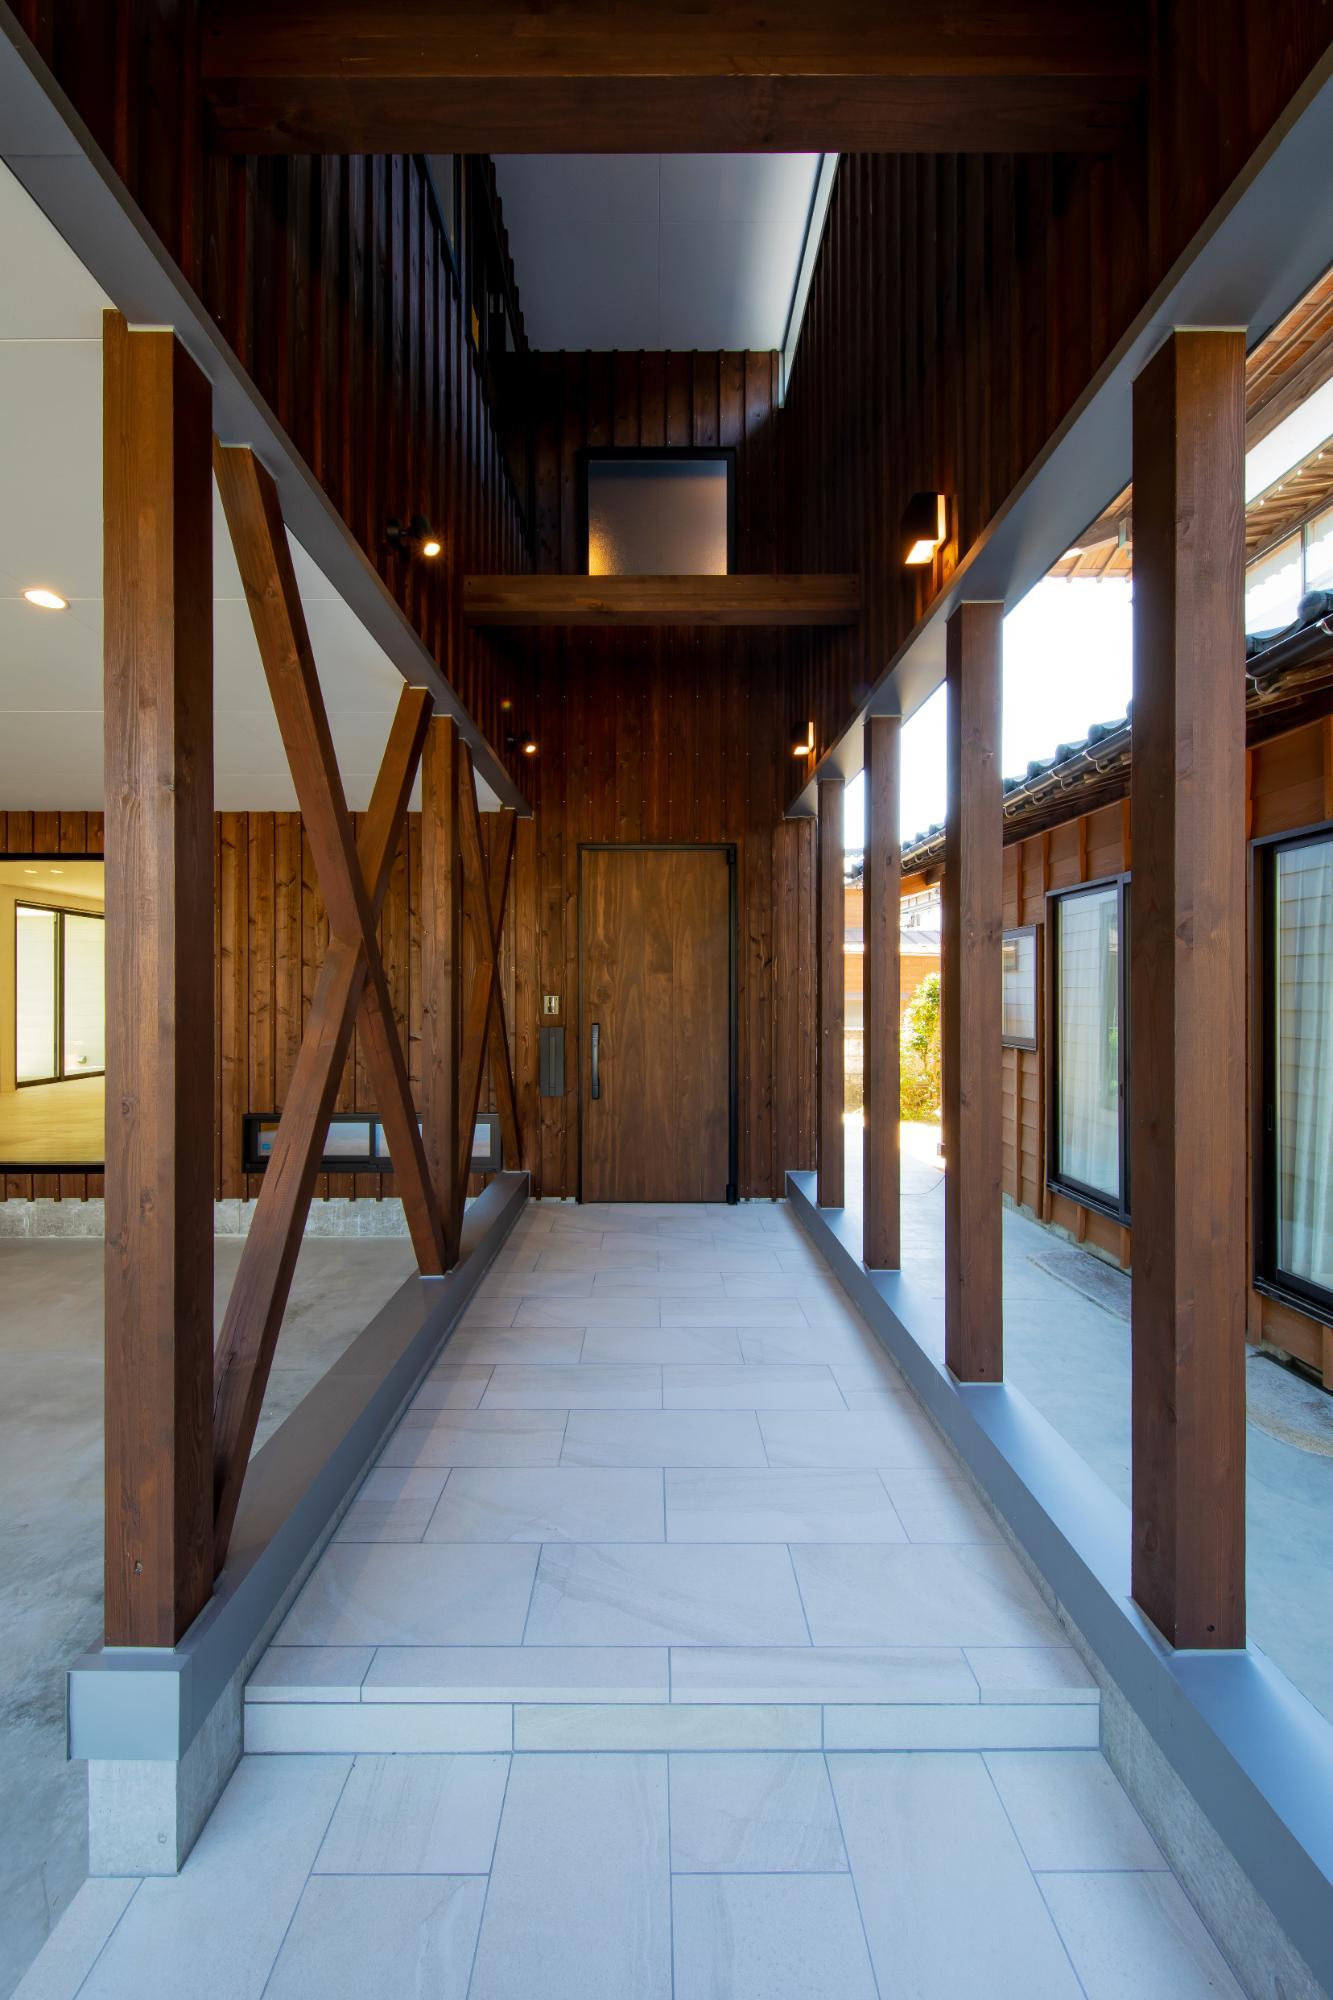 住み継げる住まいの提案 archi laboコンセプトハウスの写真4